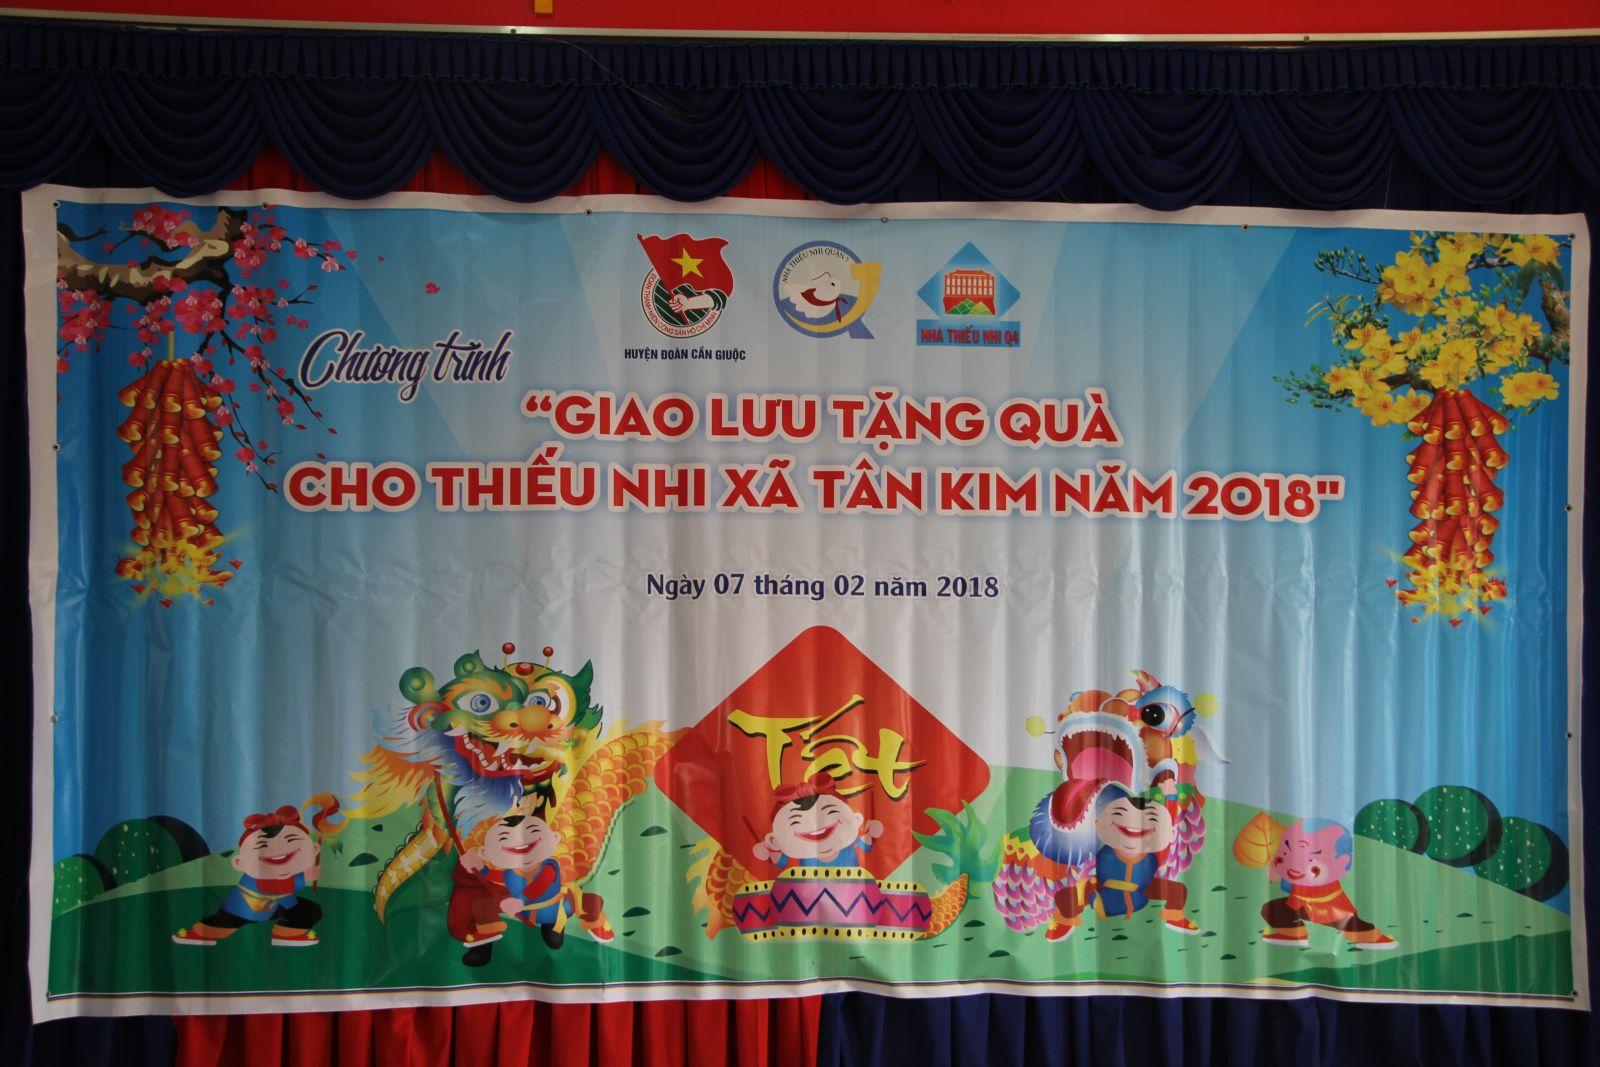 Giao lưu tặng quà thiếu nhi xã Tân Kim, Huyện Cần Giuộc, Tỉnh Long An